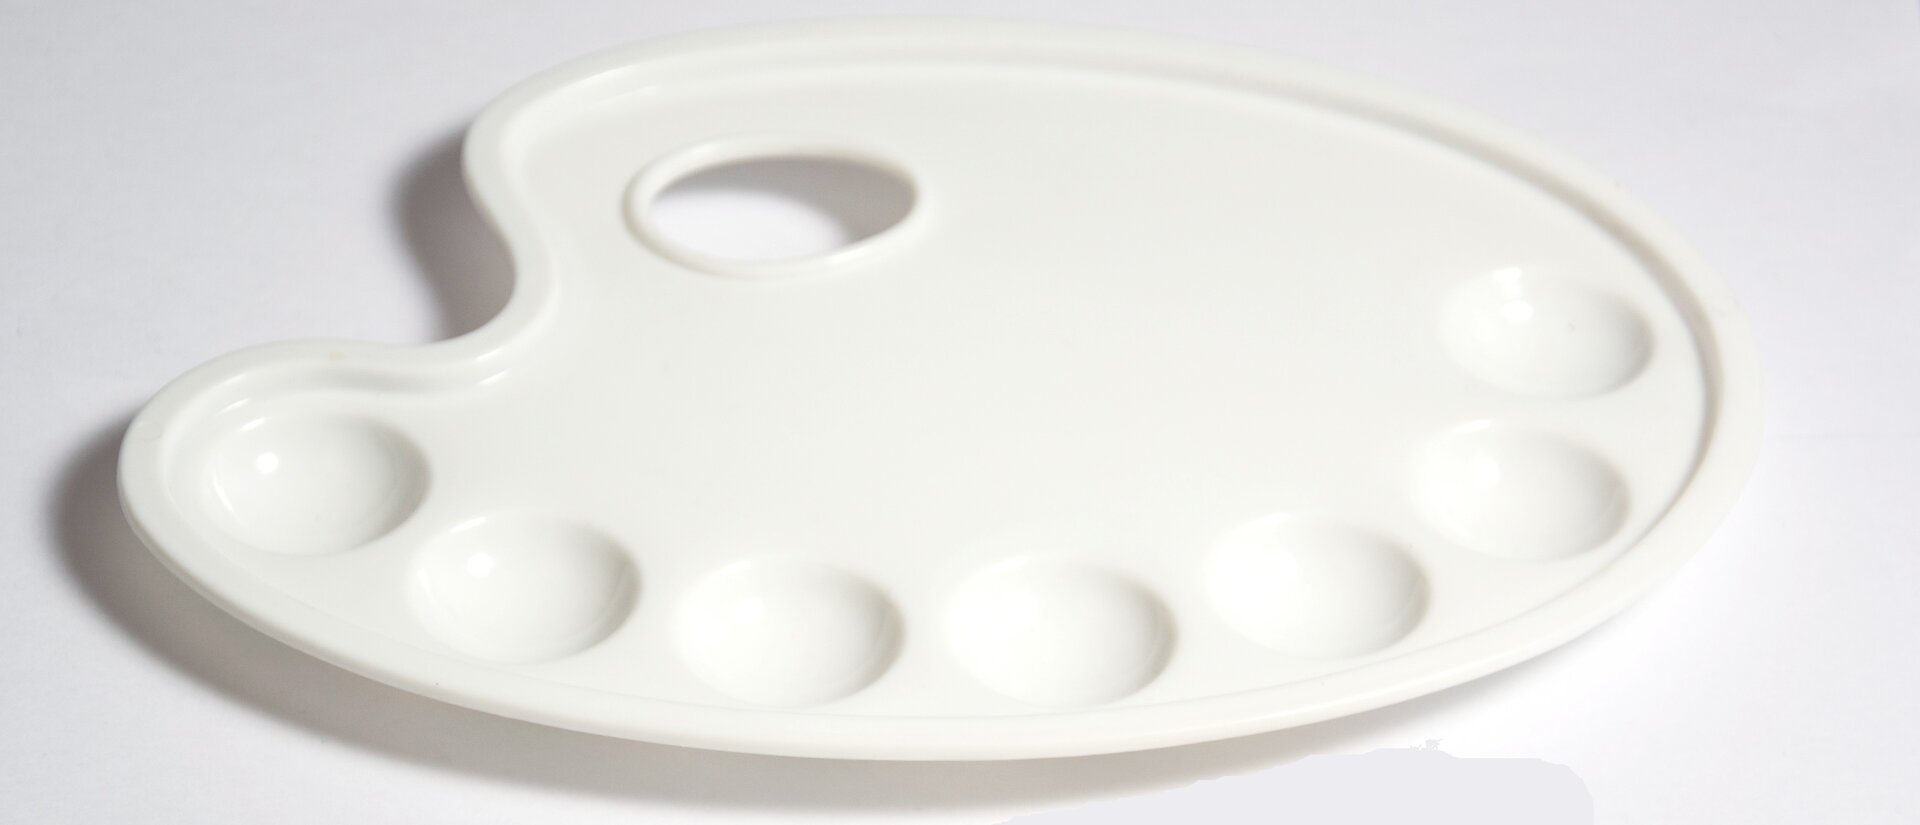 Ilustracja przedstawia białą, plastikową paletę zotworem na kciuk, który pomaga wtrzymaniu jej podczas pracy. Na powierzchni palety znajdują się wgłębienia ułatwiające mieszanie kolorów. Przedmiot umieszczony jest na białym tle.